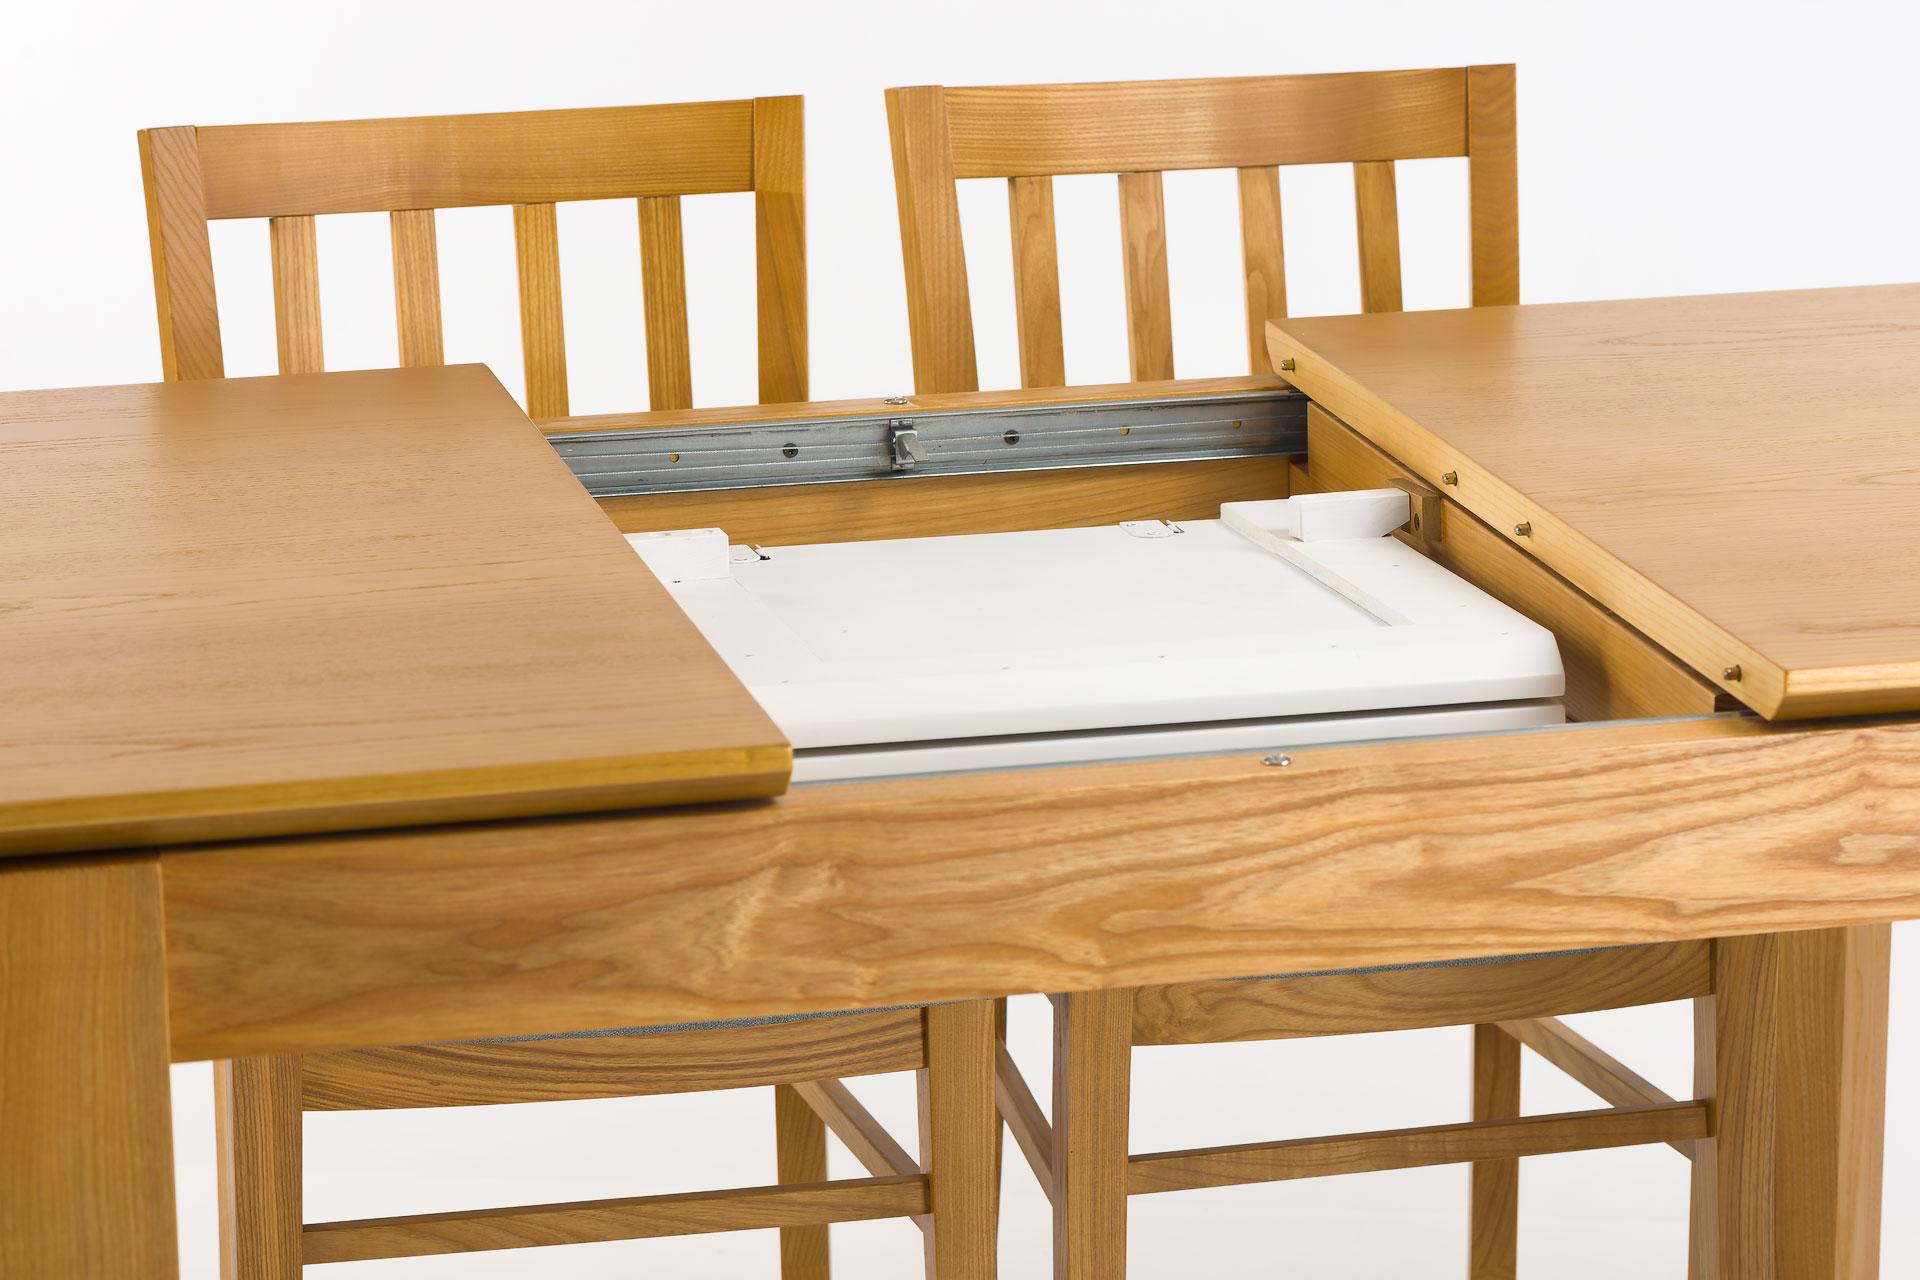 """Кухонный стол """"Милан-люкс"""" со шпонированной столешницей SE1405 и белой вставкой, механизм раскладки"""